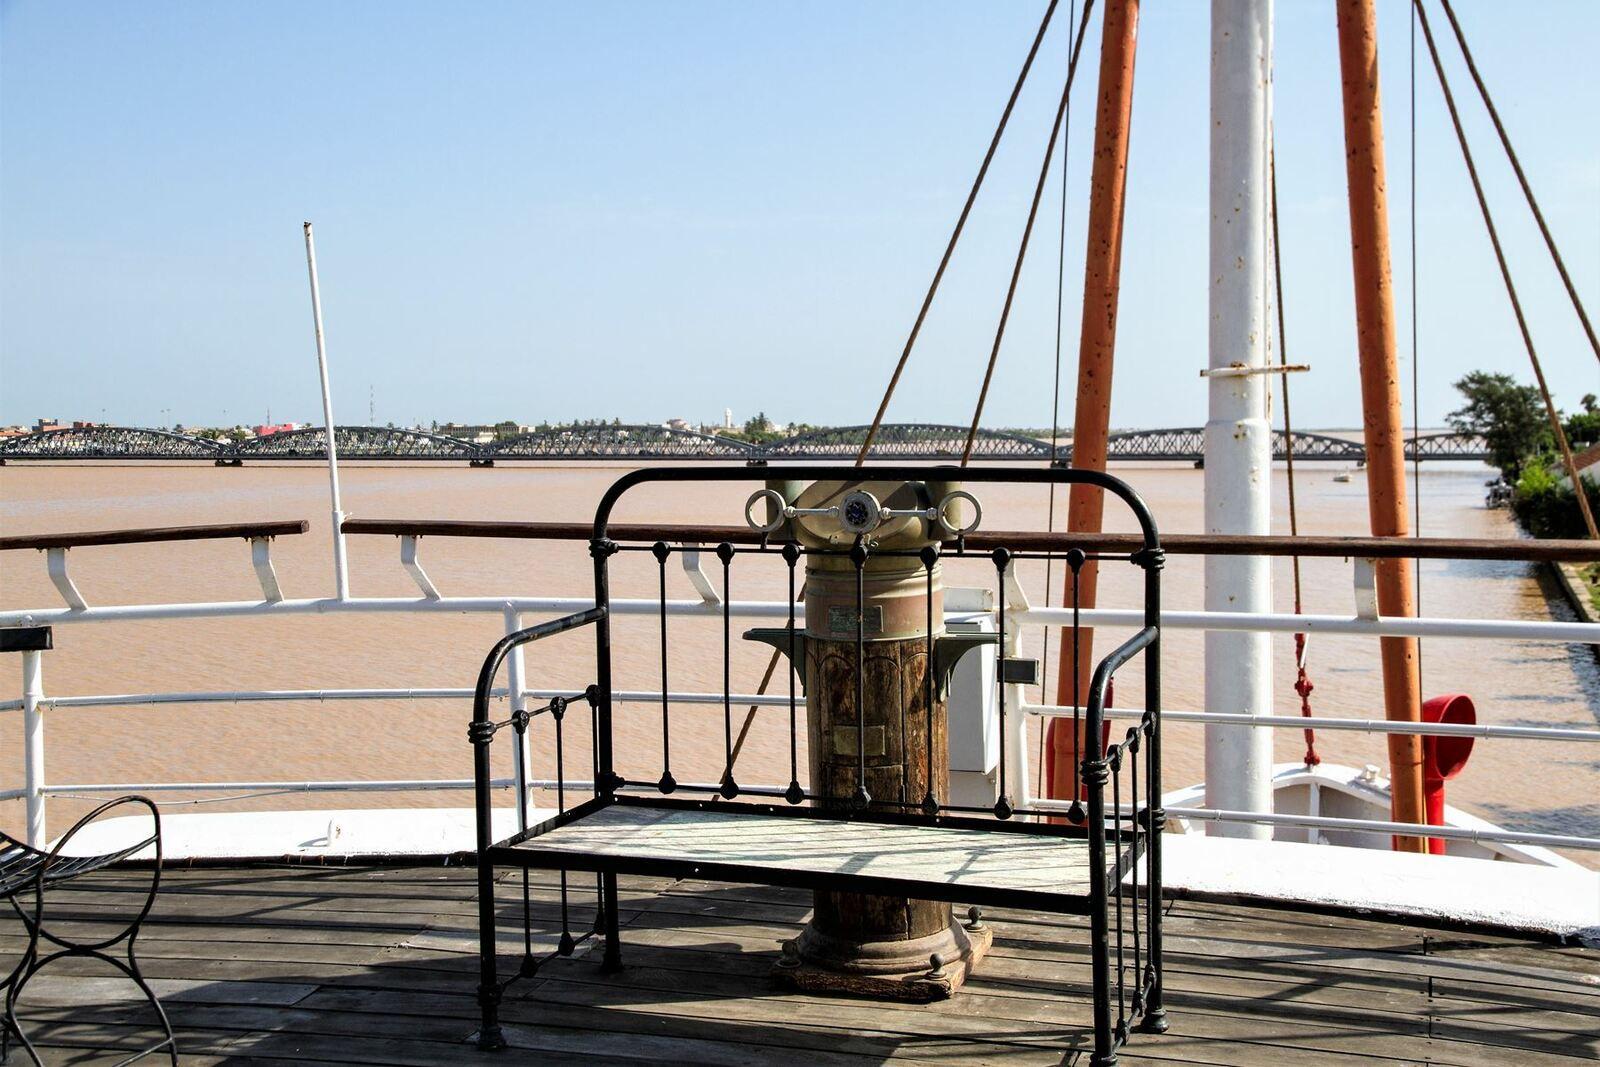 Vue du pont supérieur avec le compas